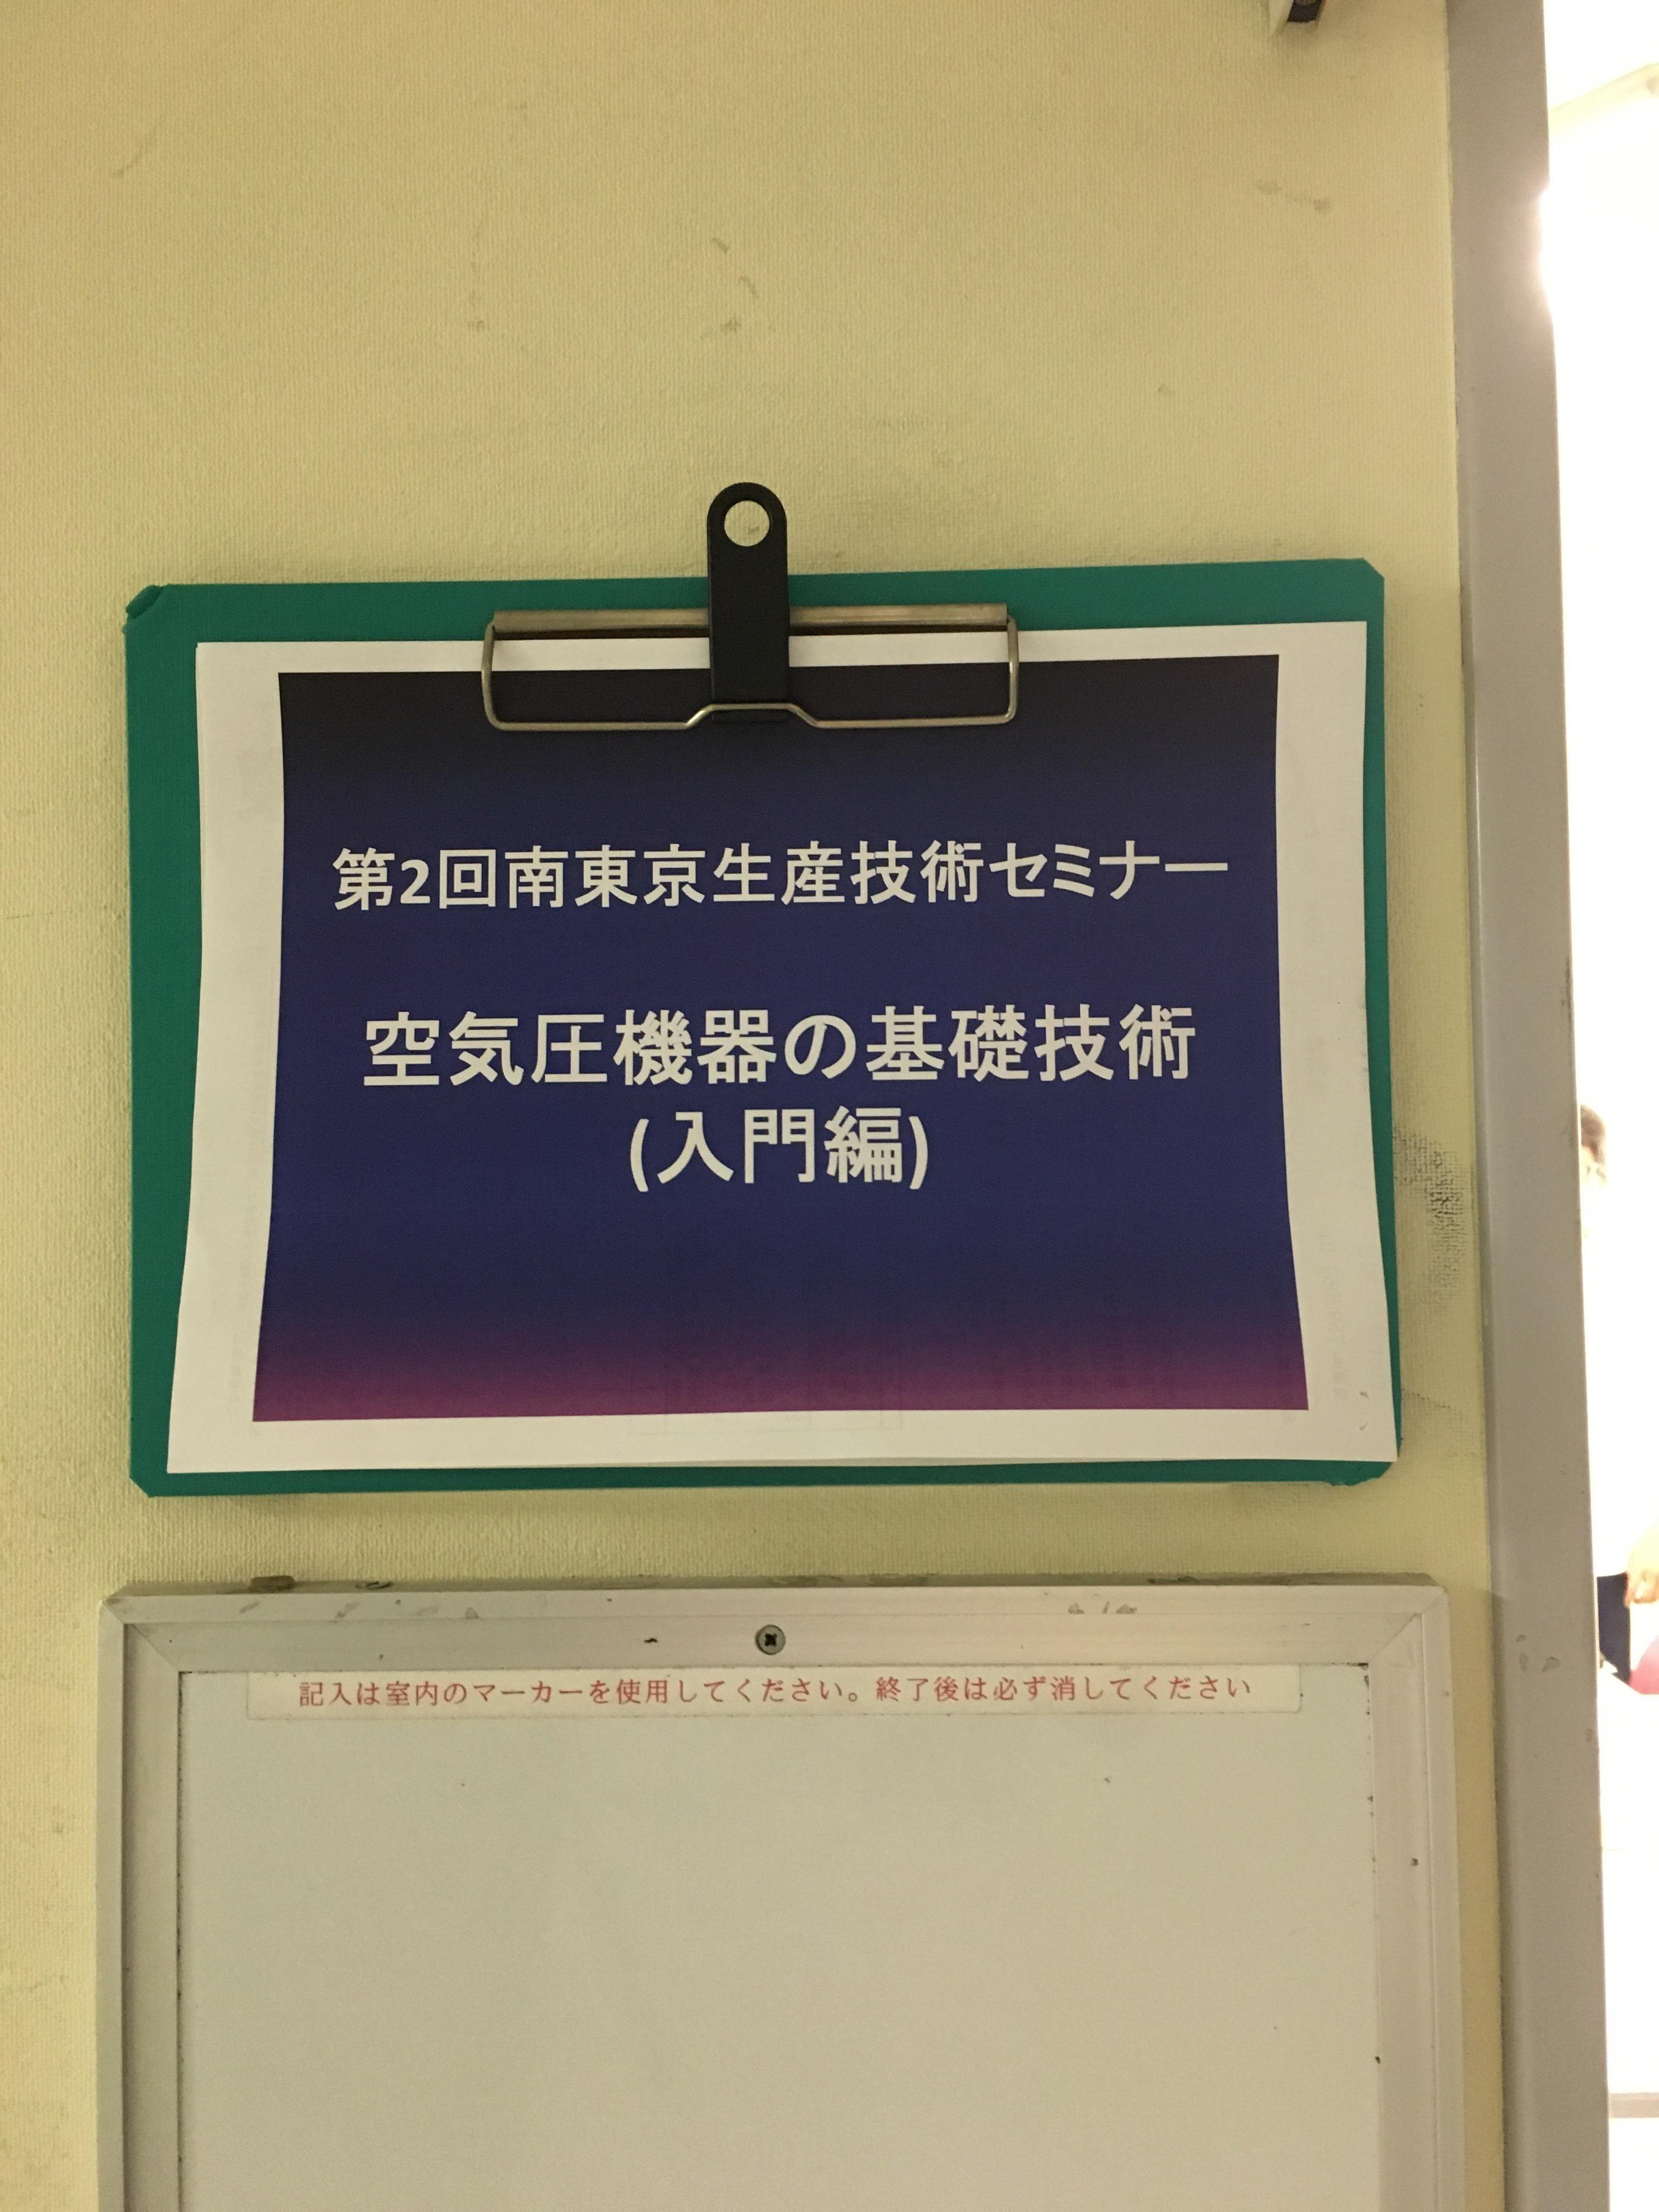 第2回2016年7月14日(木)【空気圧機器の基礎技術(初級編)】【終了】